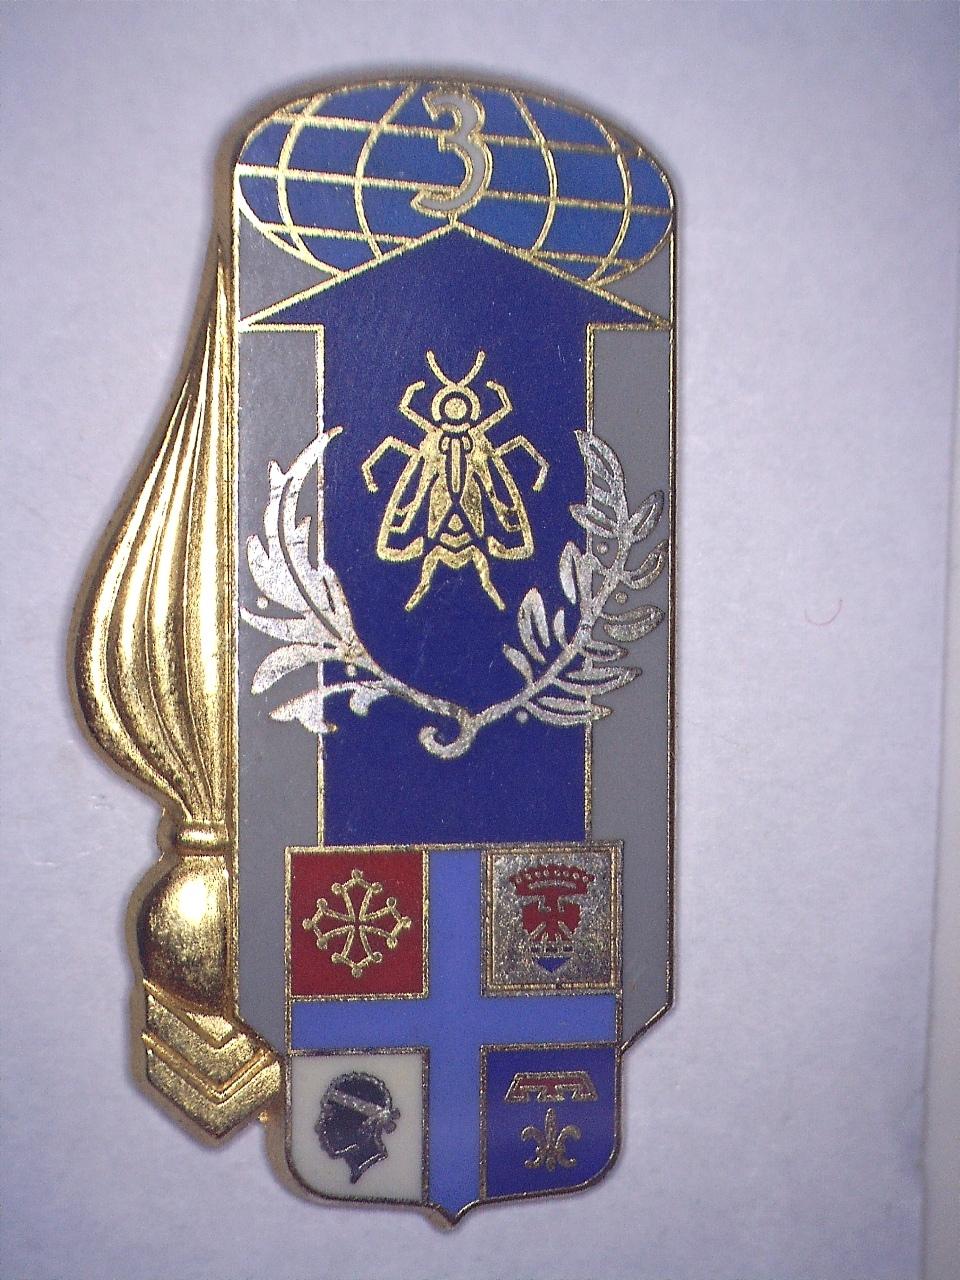 A IDENTIFIER insigne avec la tête de la Corse. 20831116